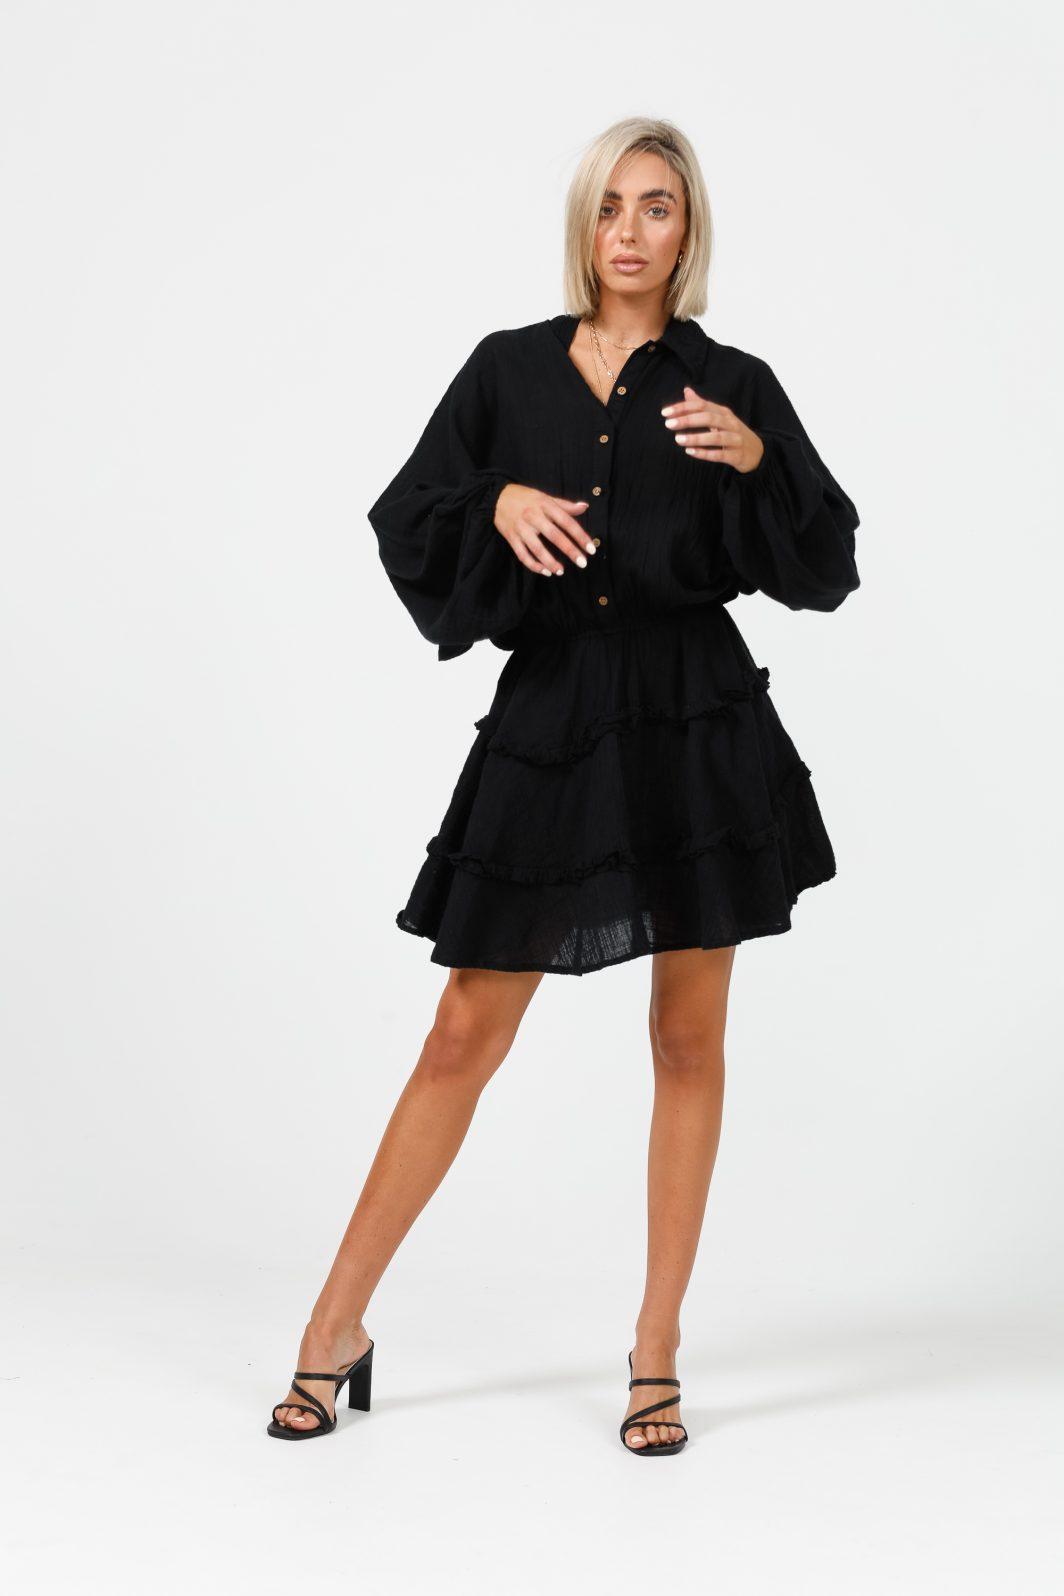 Daisy Says Penzance Dress Black